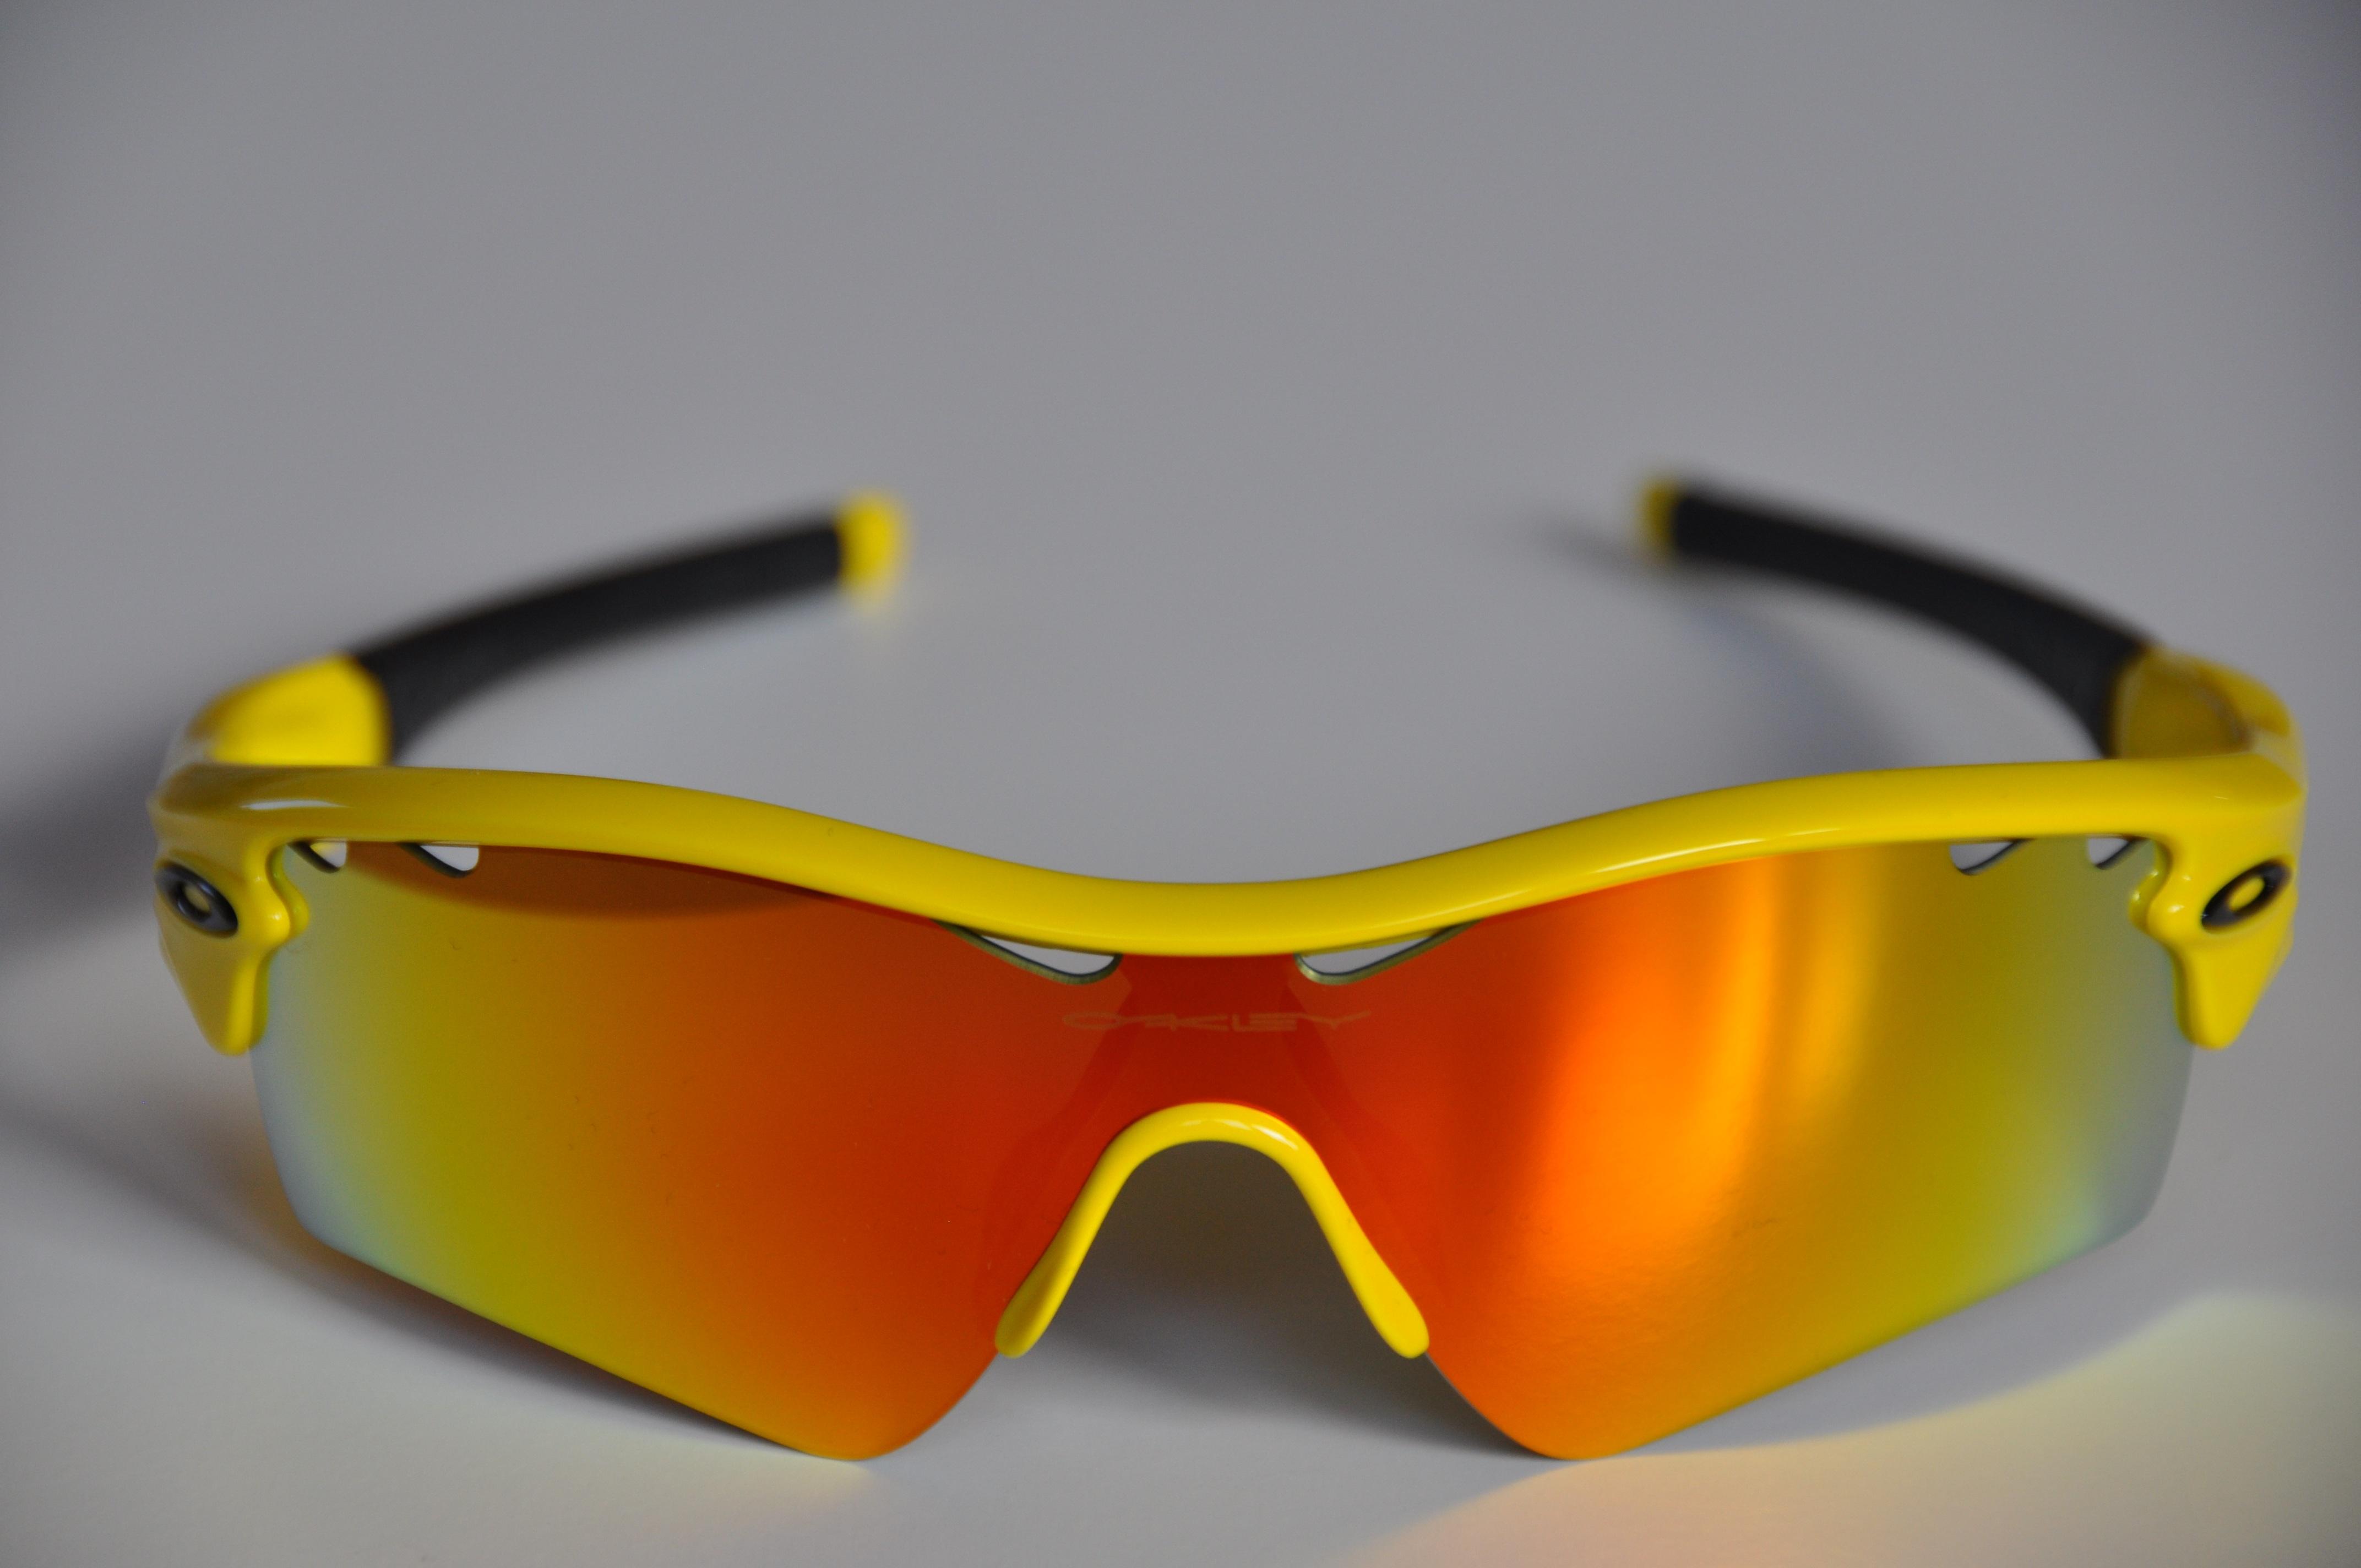 fotos gratis amarillo tour de francia gafas de sol gafas de protecci n radar oakley. Black Bedroom Furniture Sets. Home Design Ideas